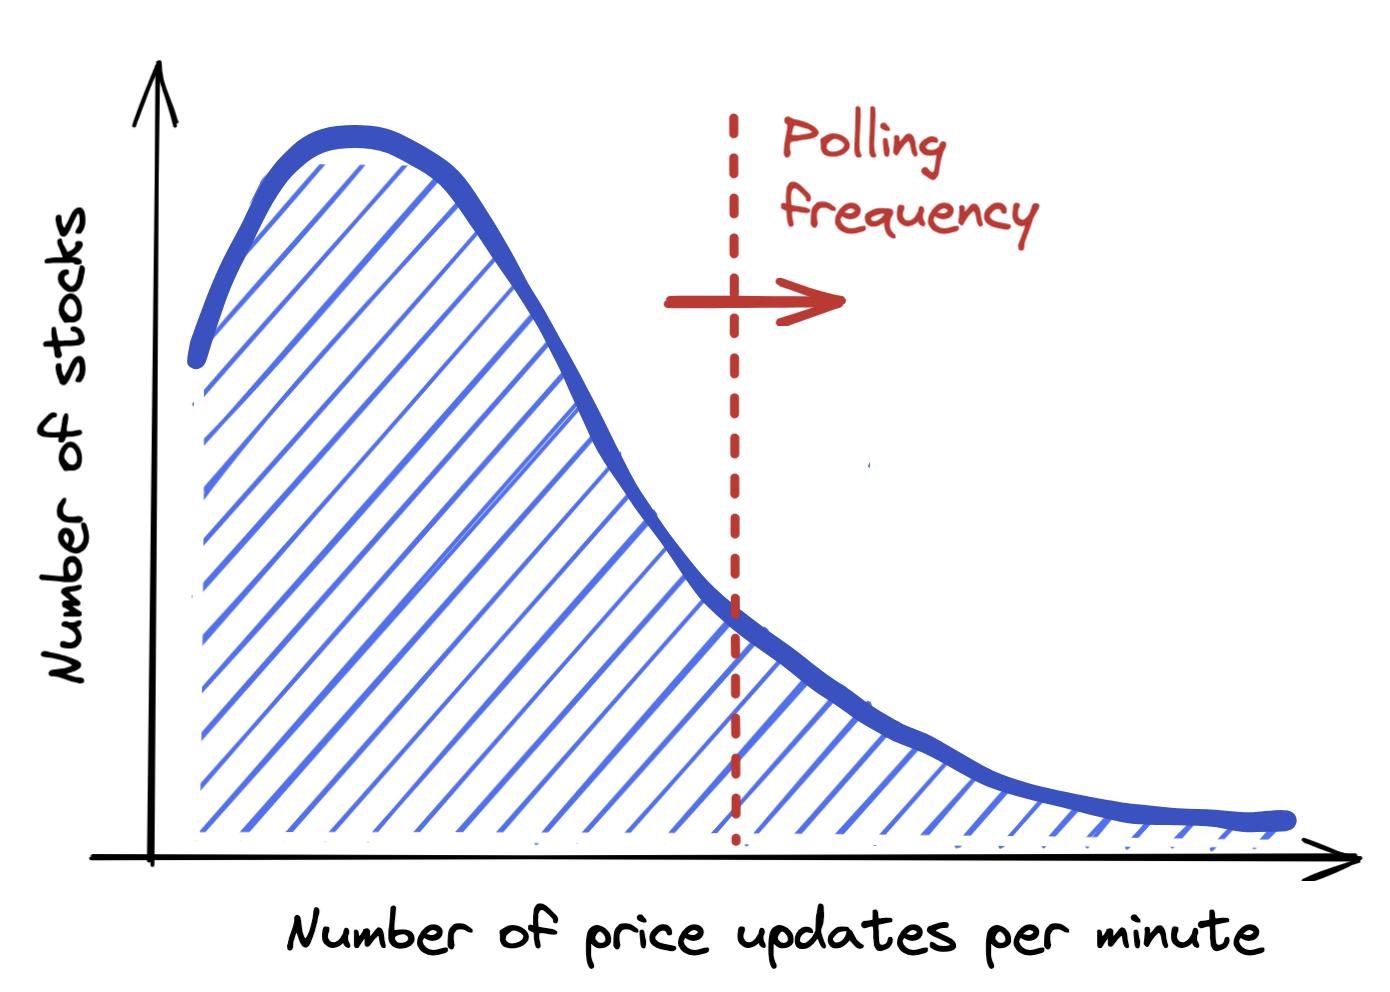 Share price updates